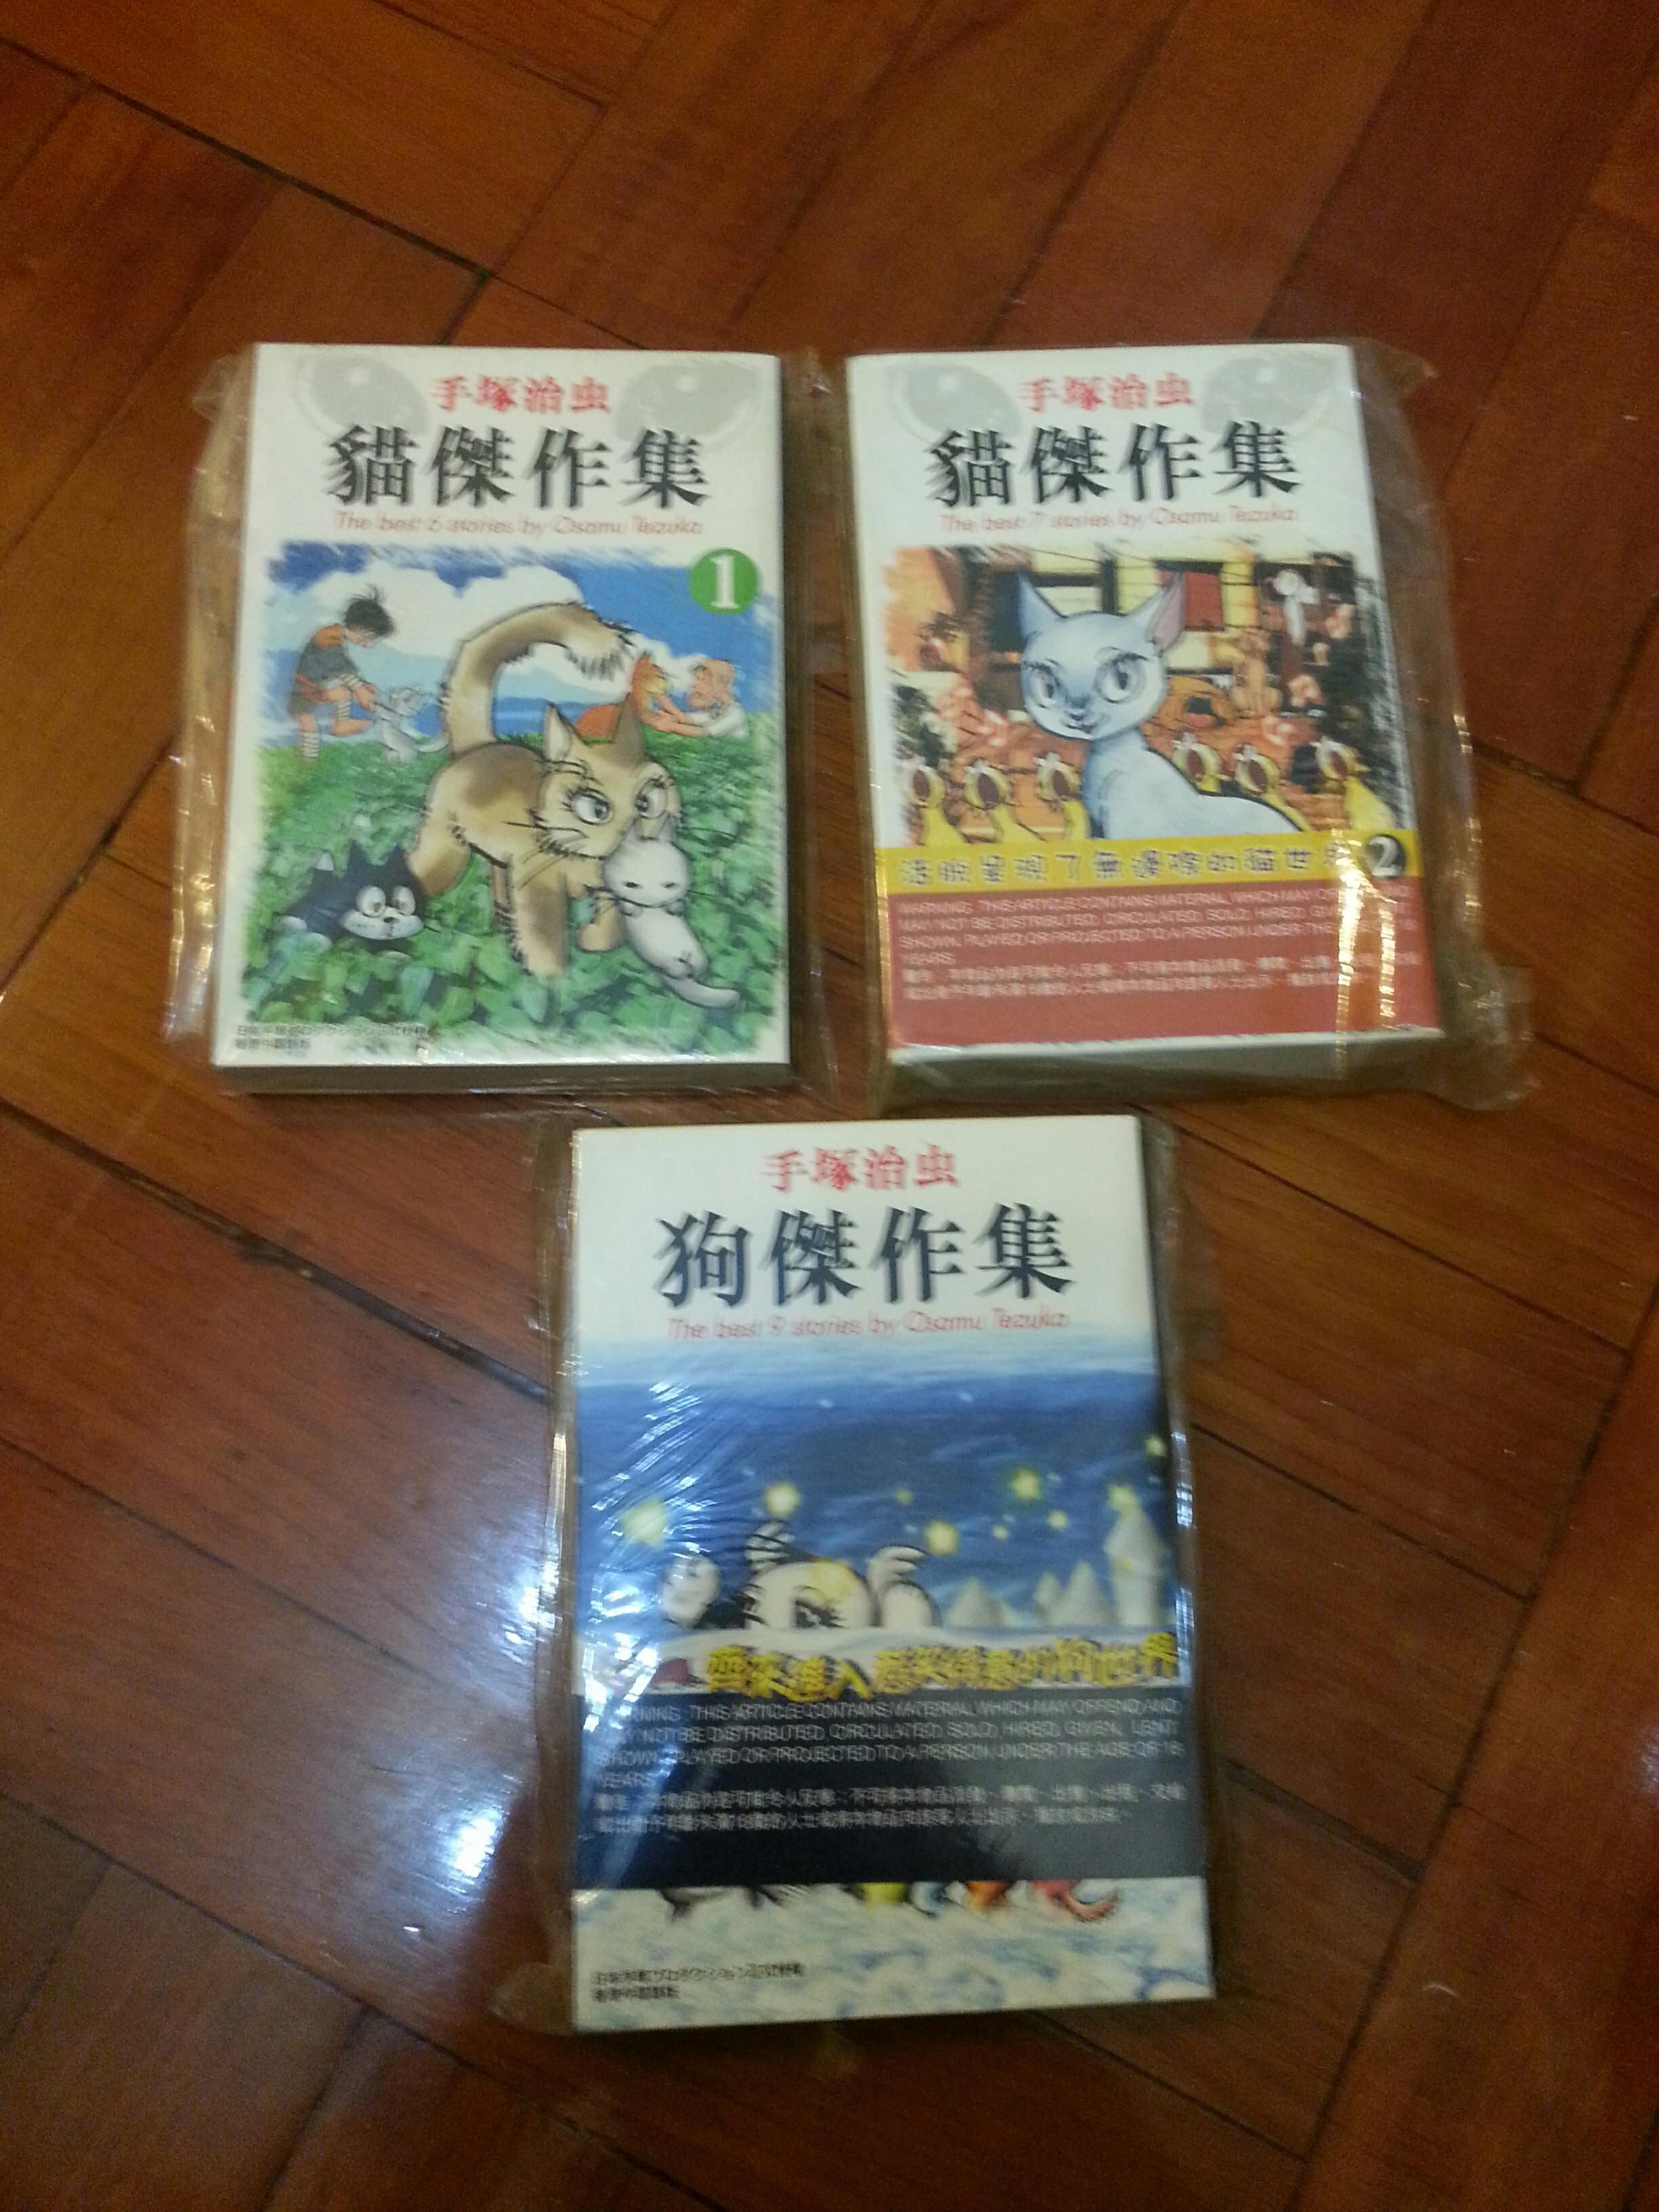 手塚治虫系列 貓傑作集,狗傑作集